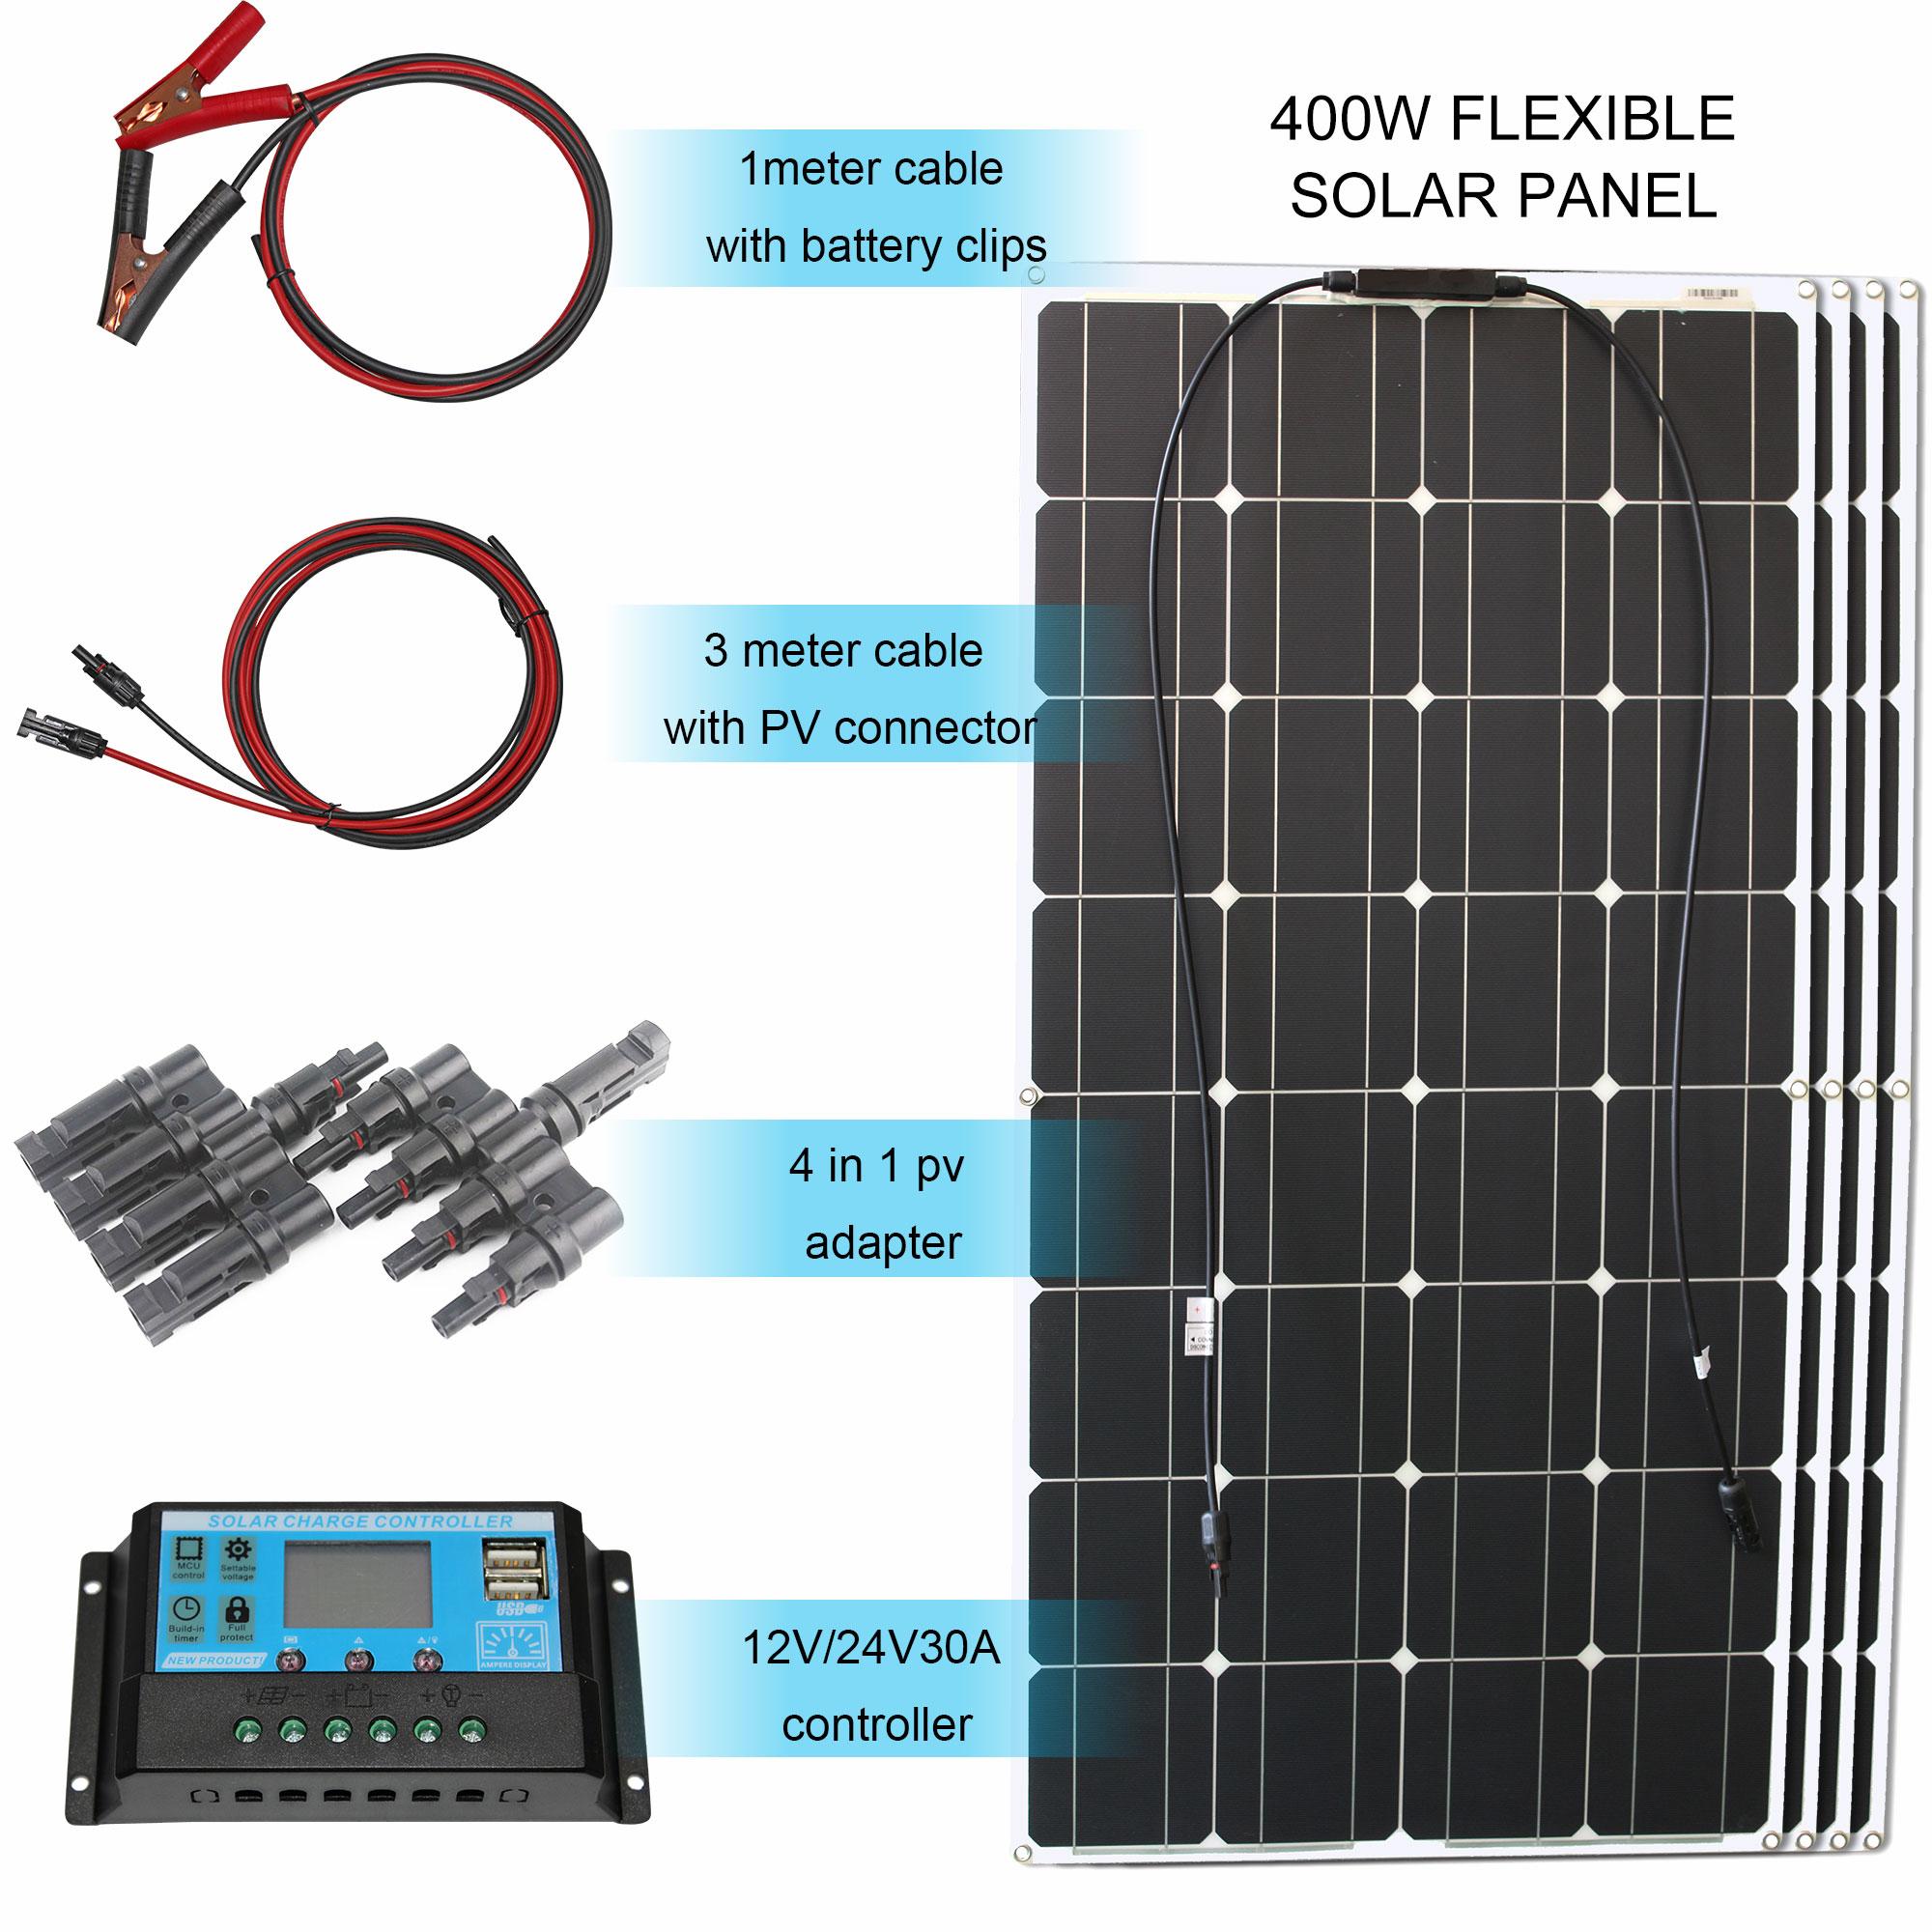 مجموعة اللوحة الشمسية كاملة 400 واط 300 واط 200 واط 100 واط 12 فولت مرنة لوحة الطاقة الشمسية ل شاحن بطارية الشمسية/قوة البنك/التخييم/التنزه